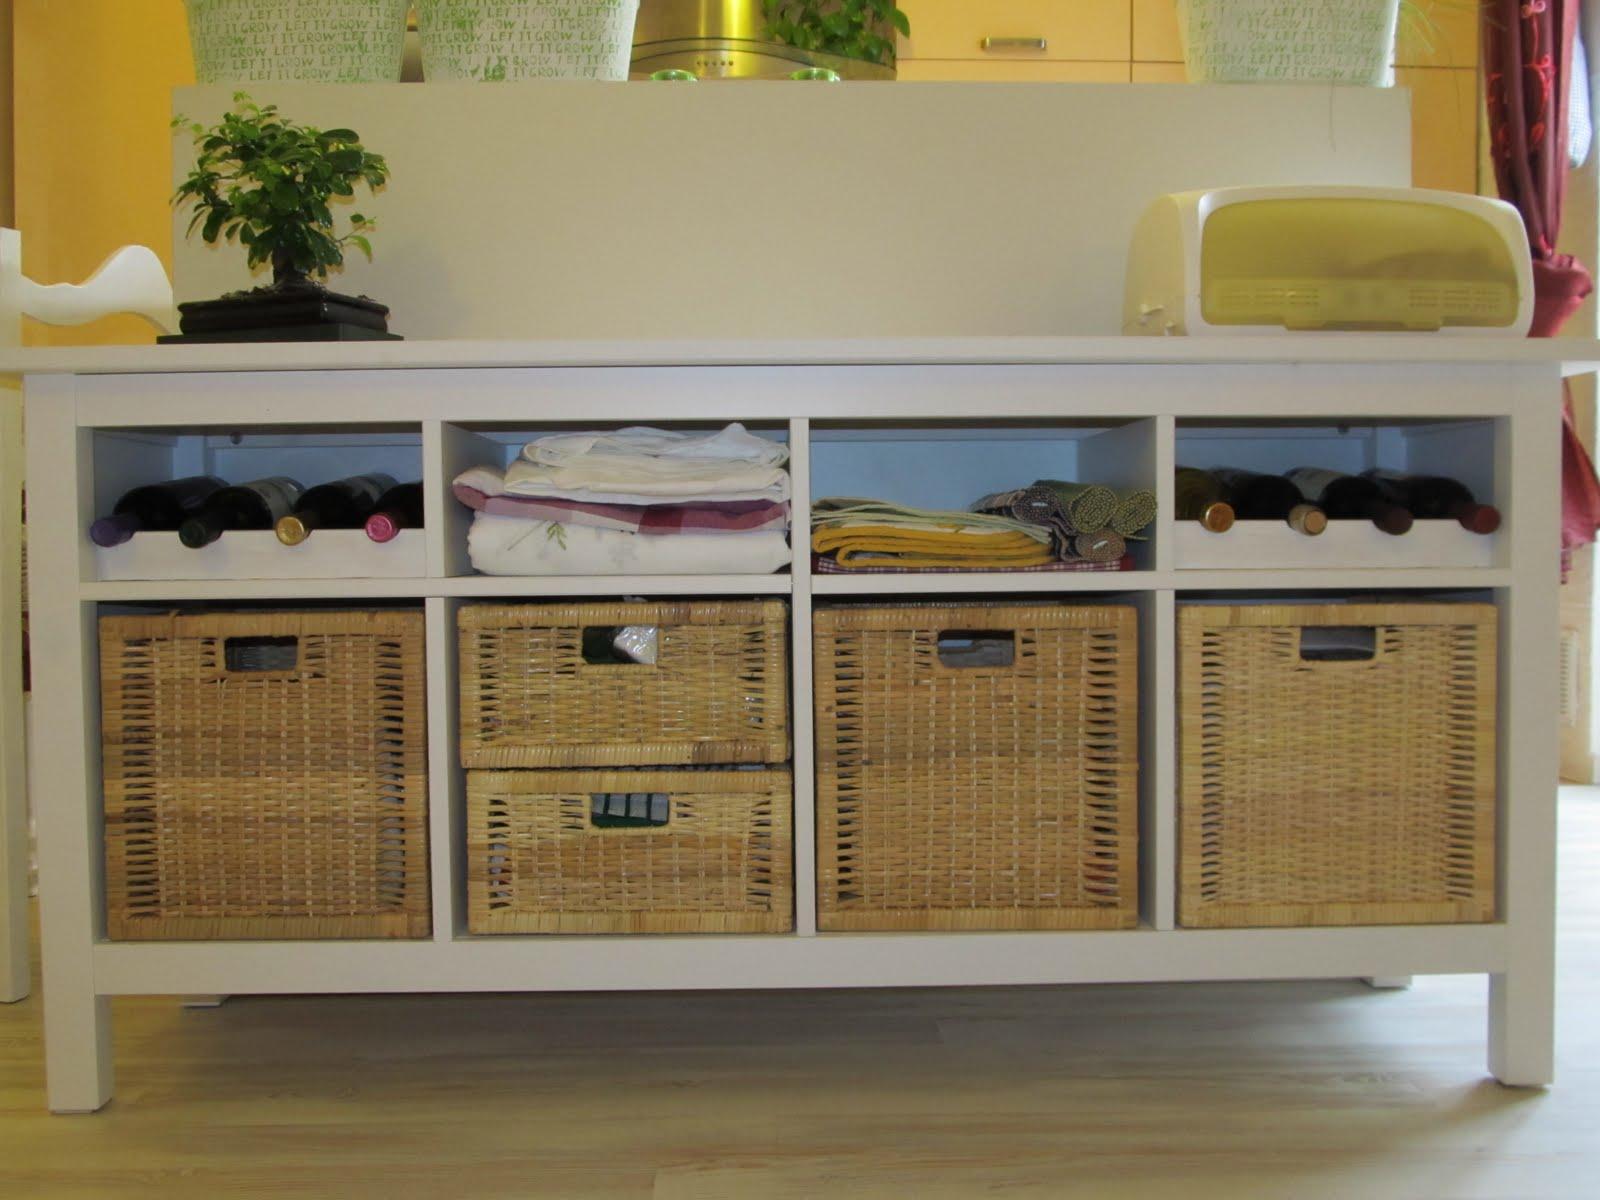 Ikea Hemnes Buffet With Bottle Holders